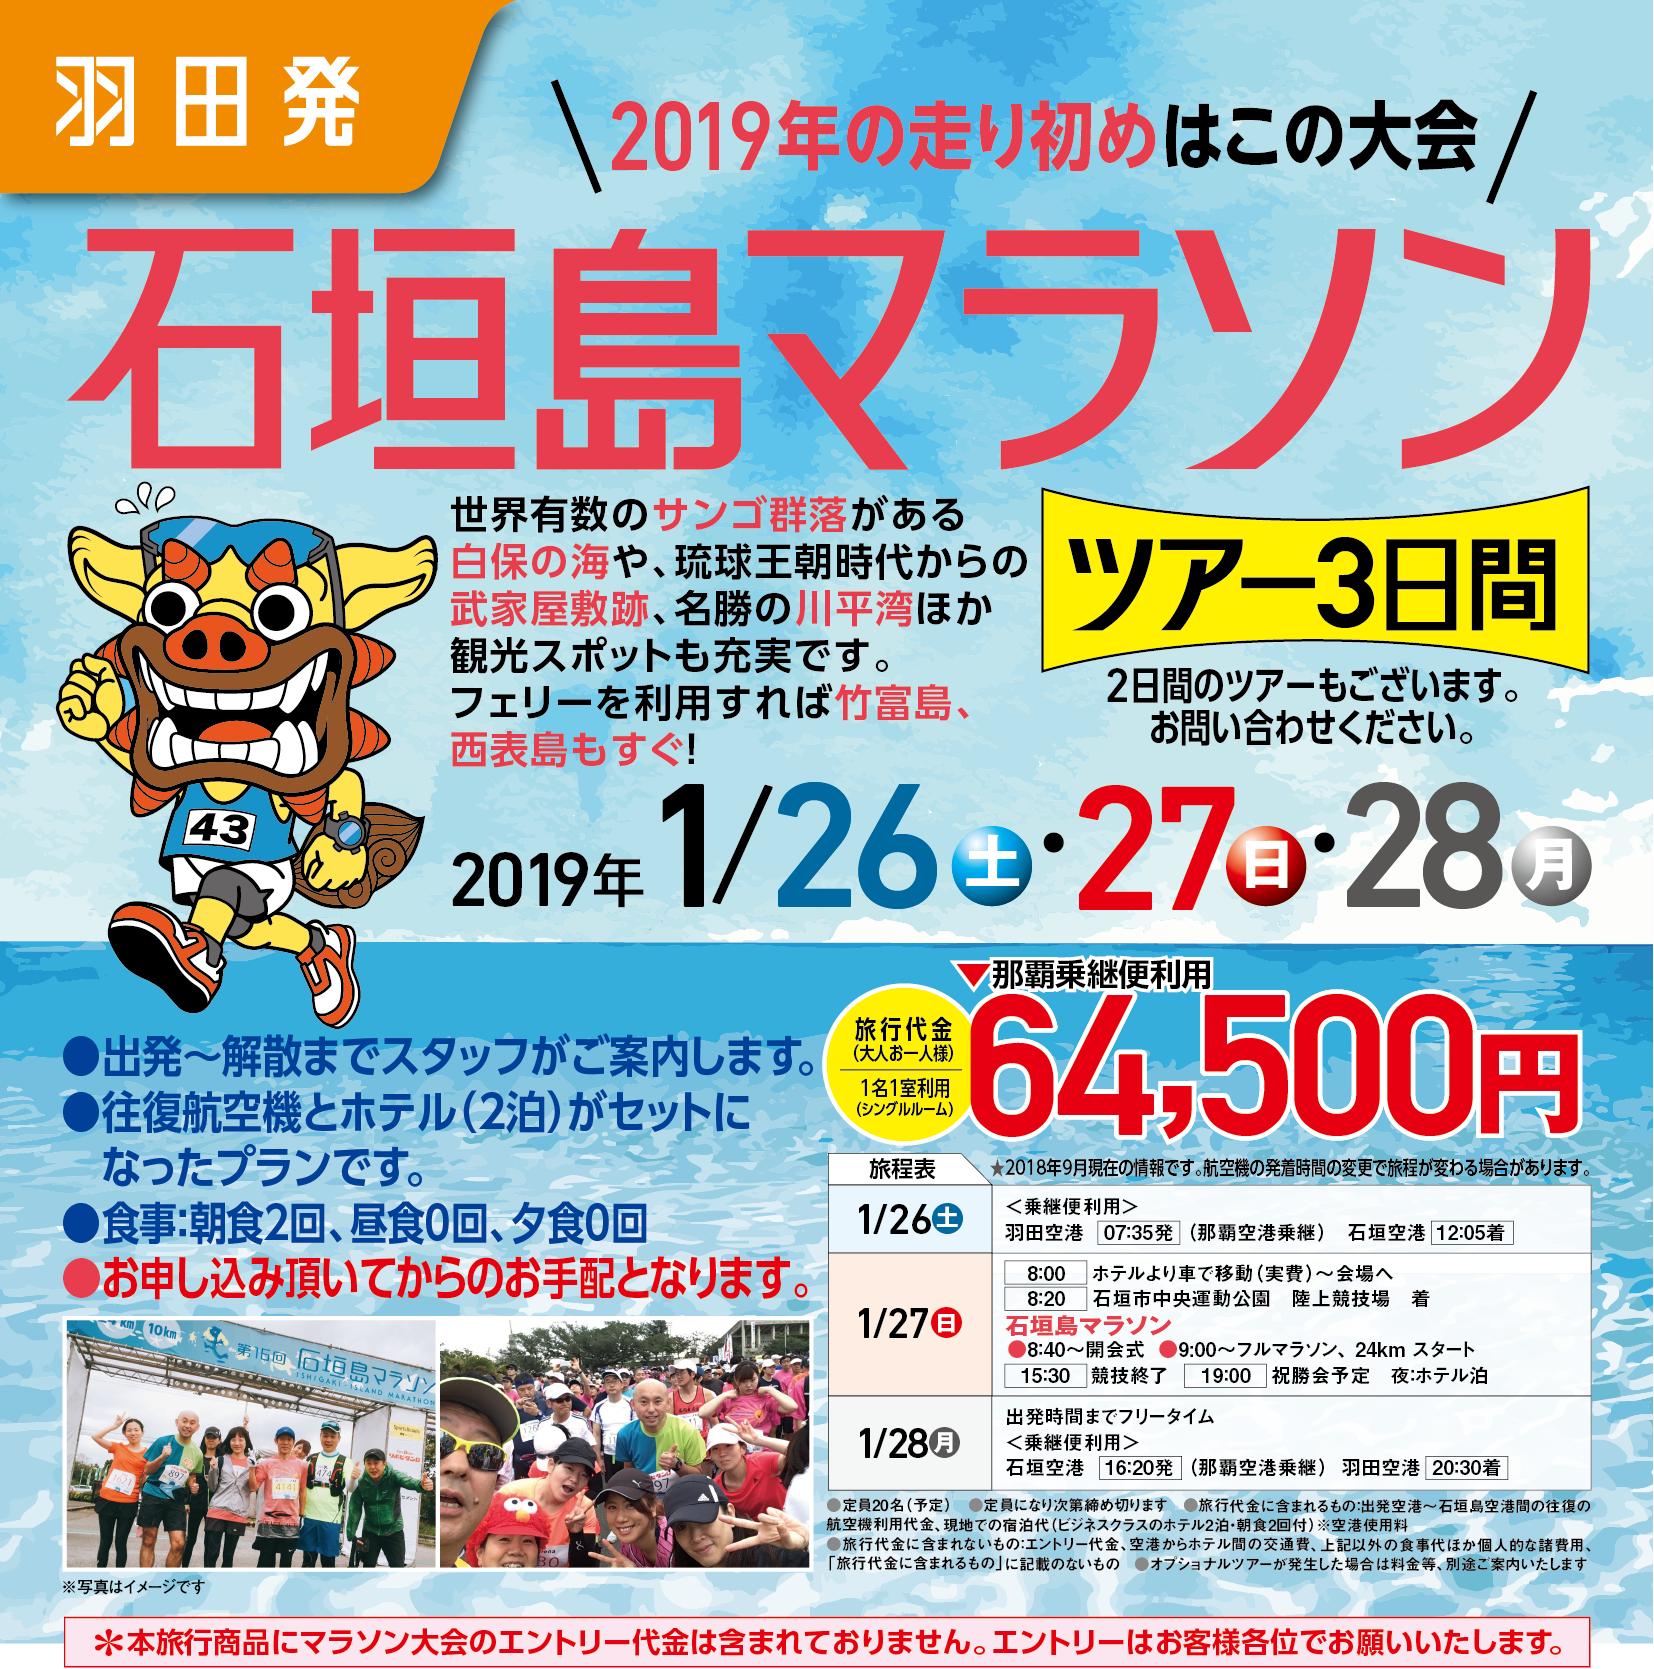 〈羽田発〉石垣マラソン2019ツアー3日間